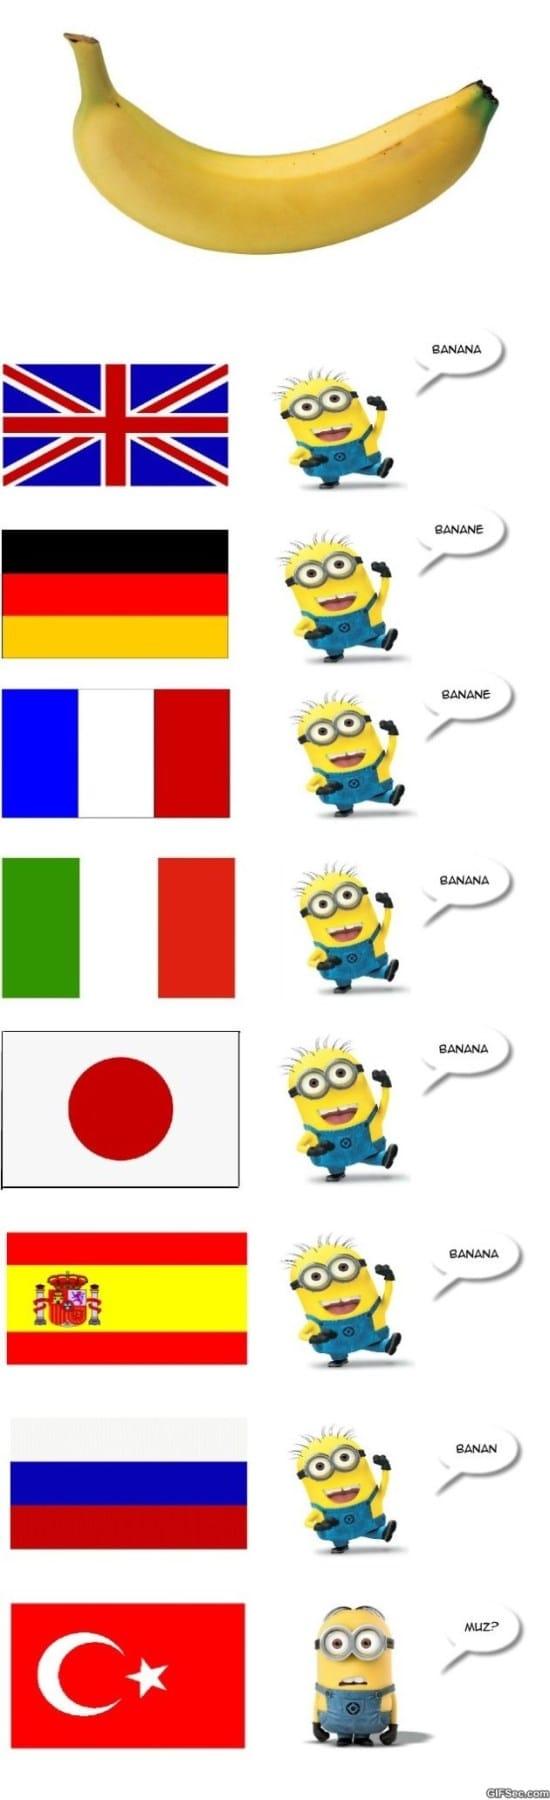 banana-meme